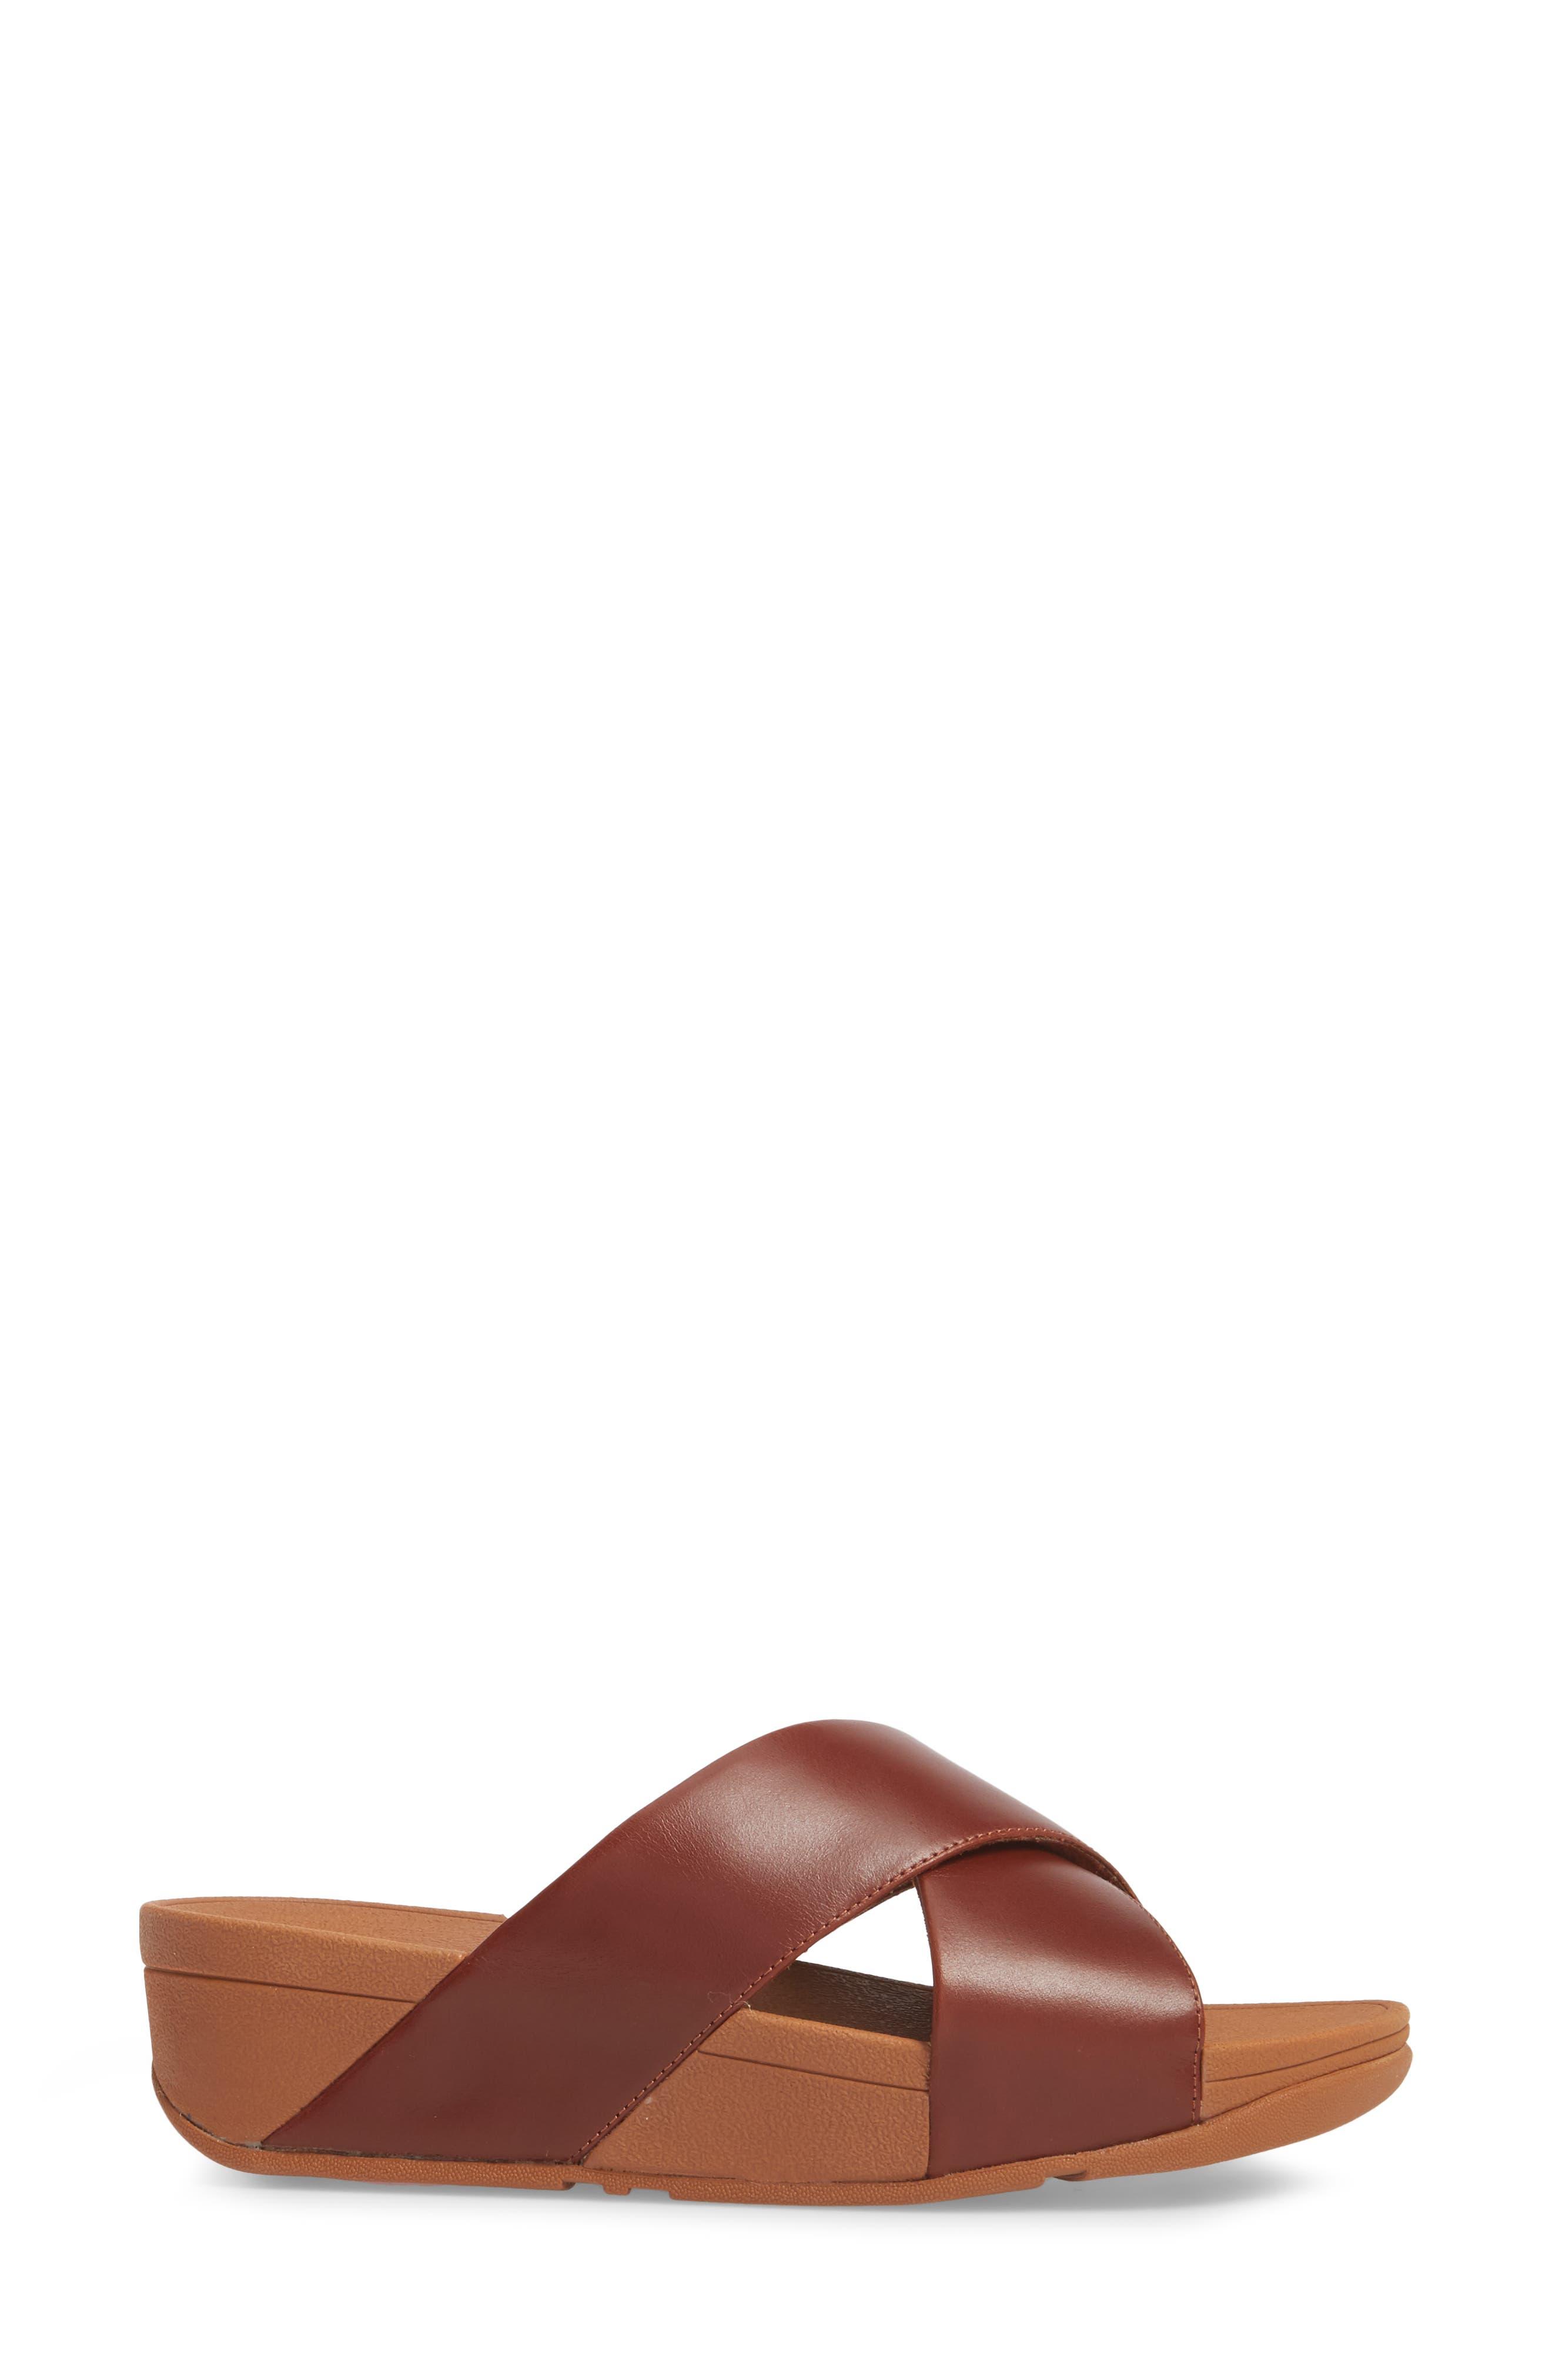 Lulu Cross Slide Sandal,                             Alternate thumbnail 3, color,                             Cognac